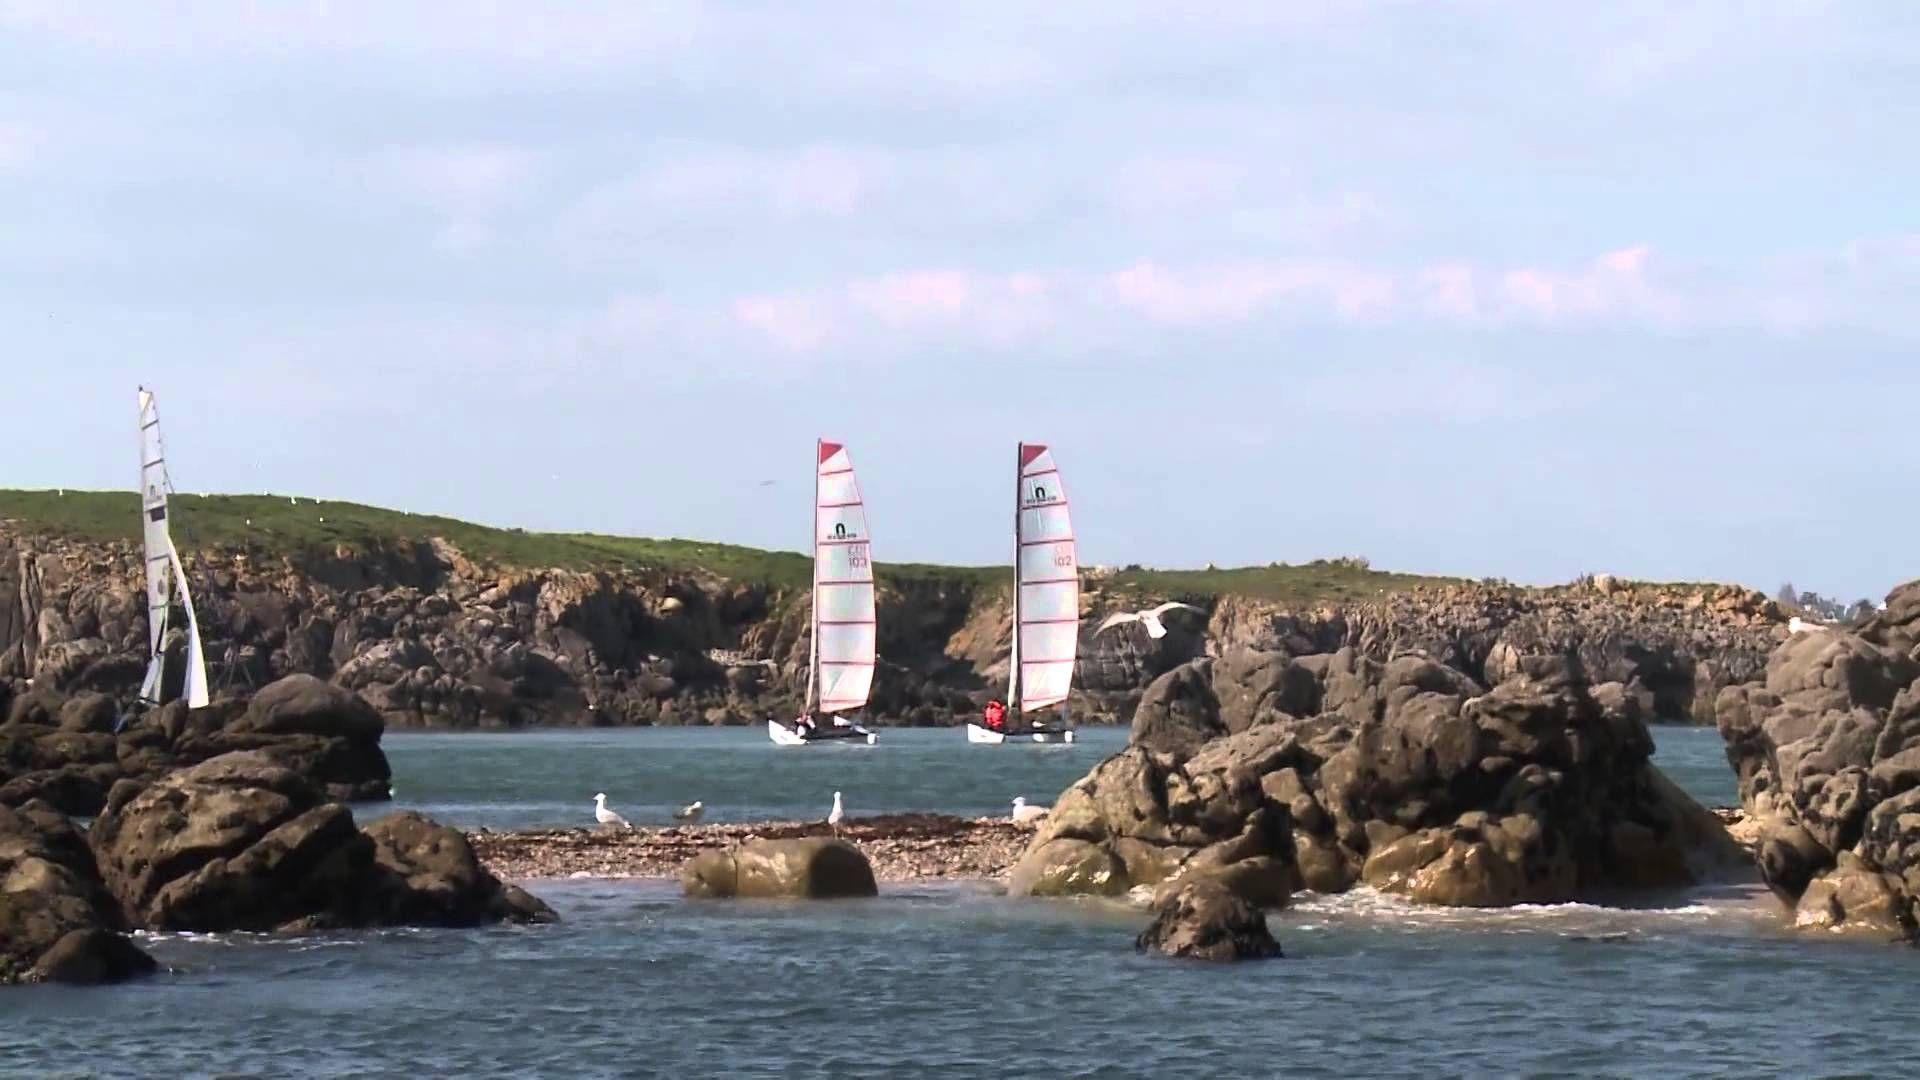 Fan de sports nautic ? Découvrez le nautic sport de Carnac, BreizhAway